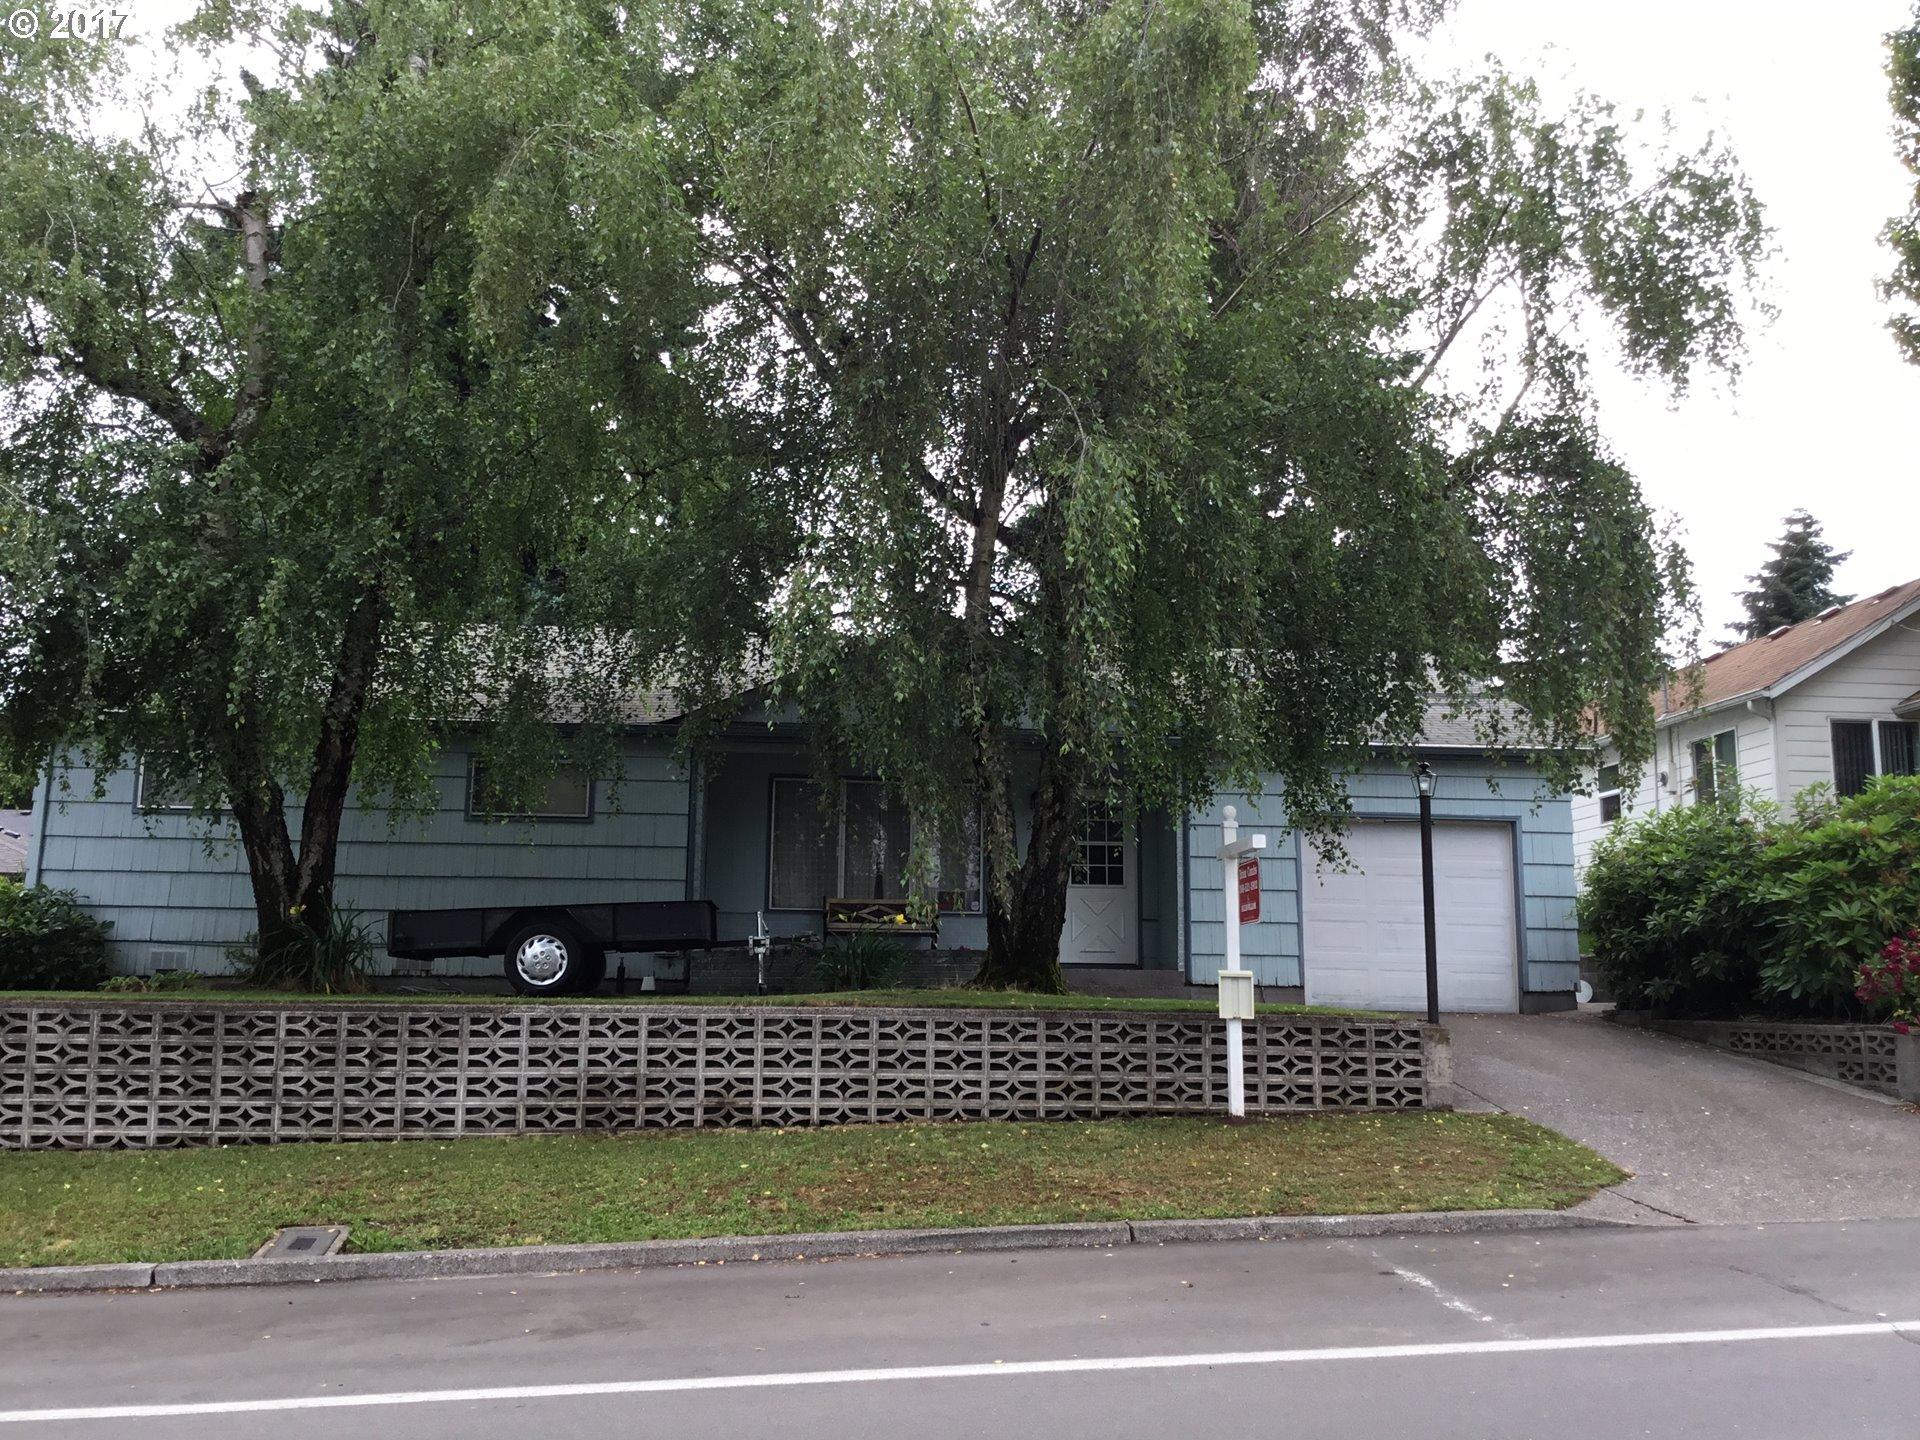 2312 E 16TH ST, Vancouver, WA 98661